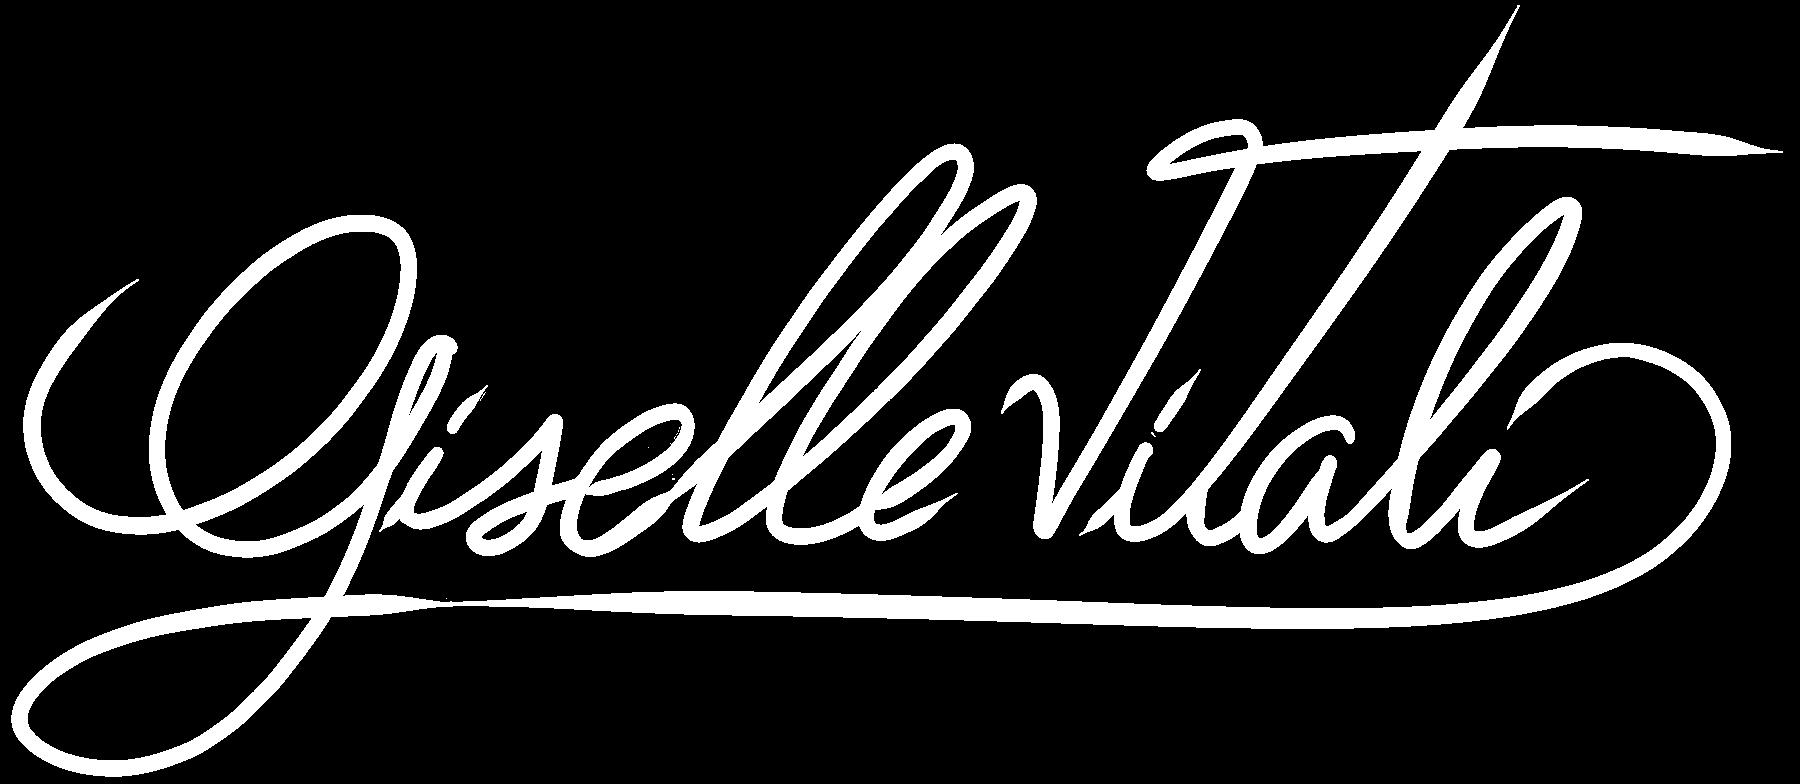 Giselle Vitali